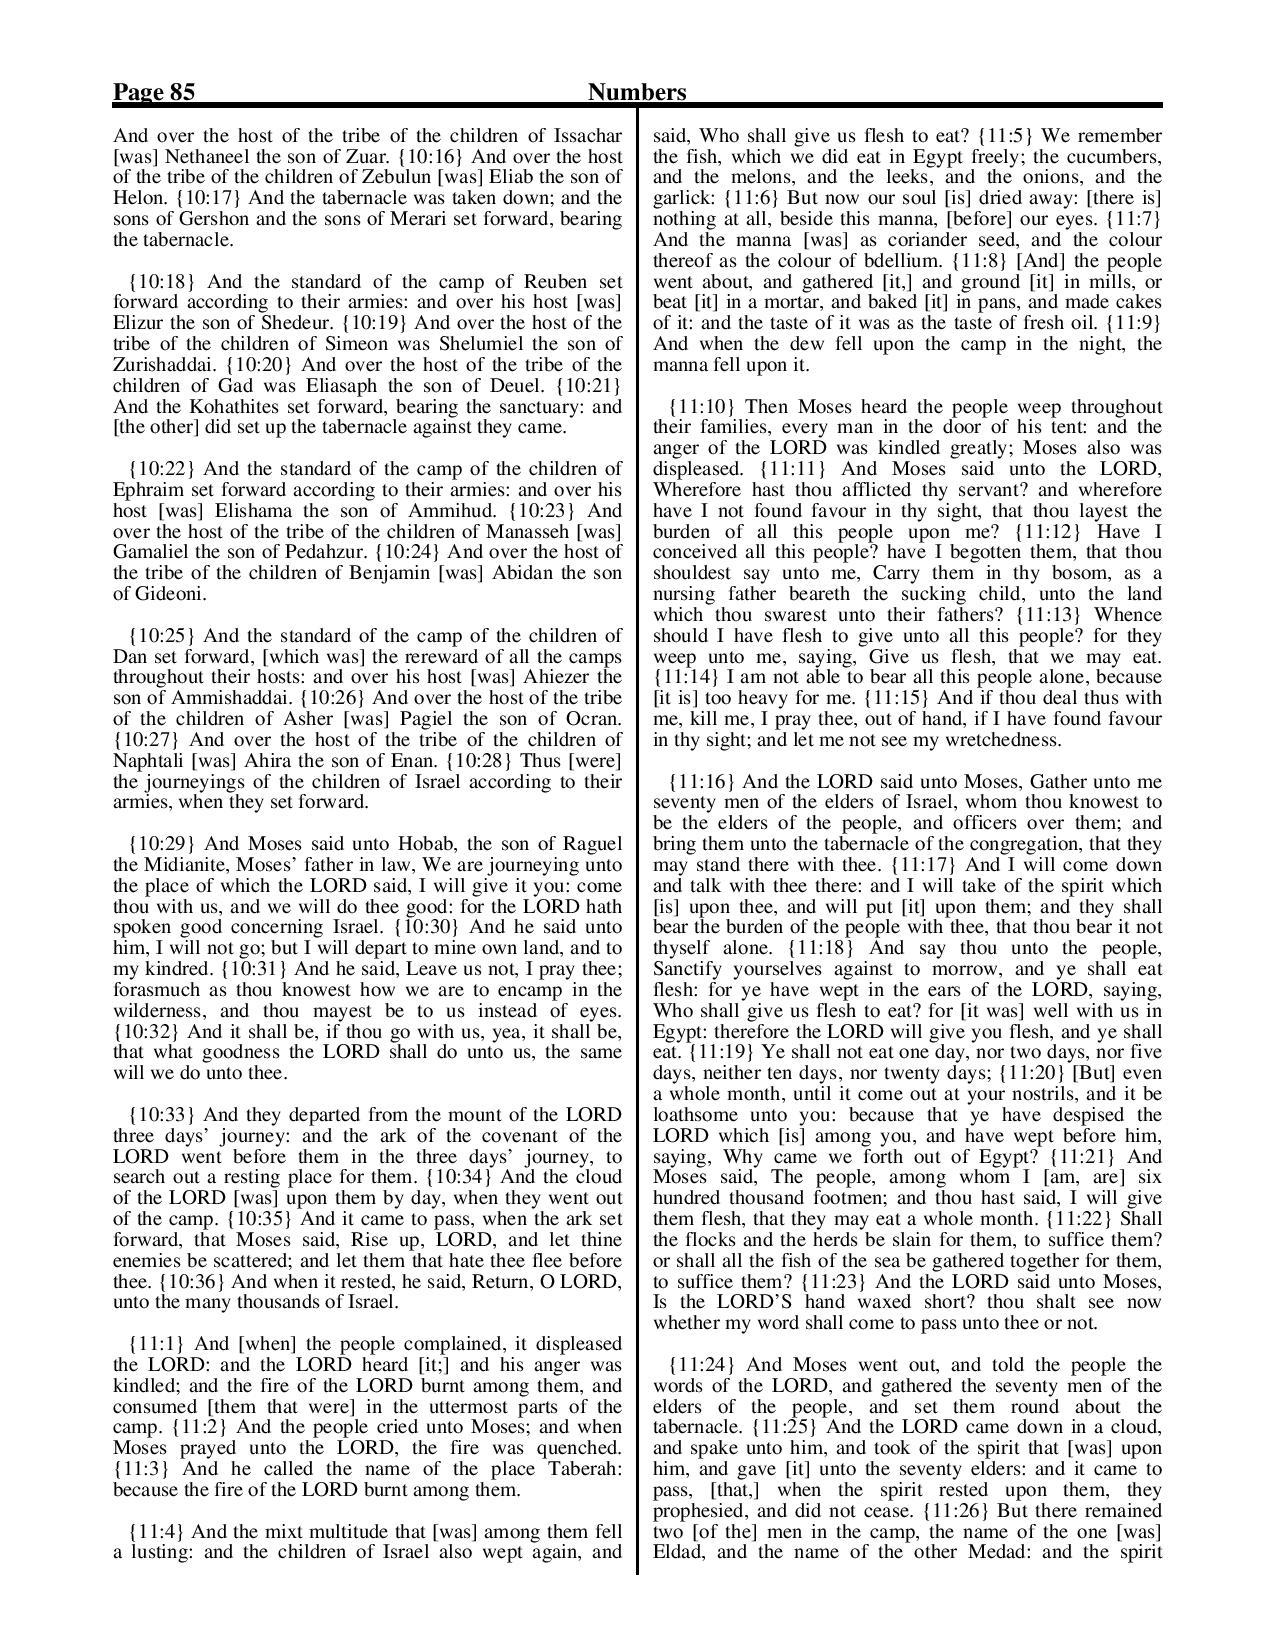 King-James-Bible-KJV-Bible-PDF-page-106